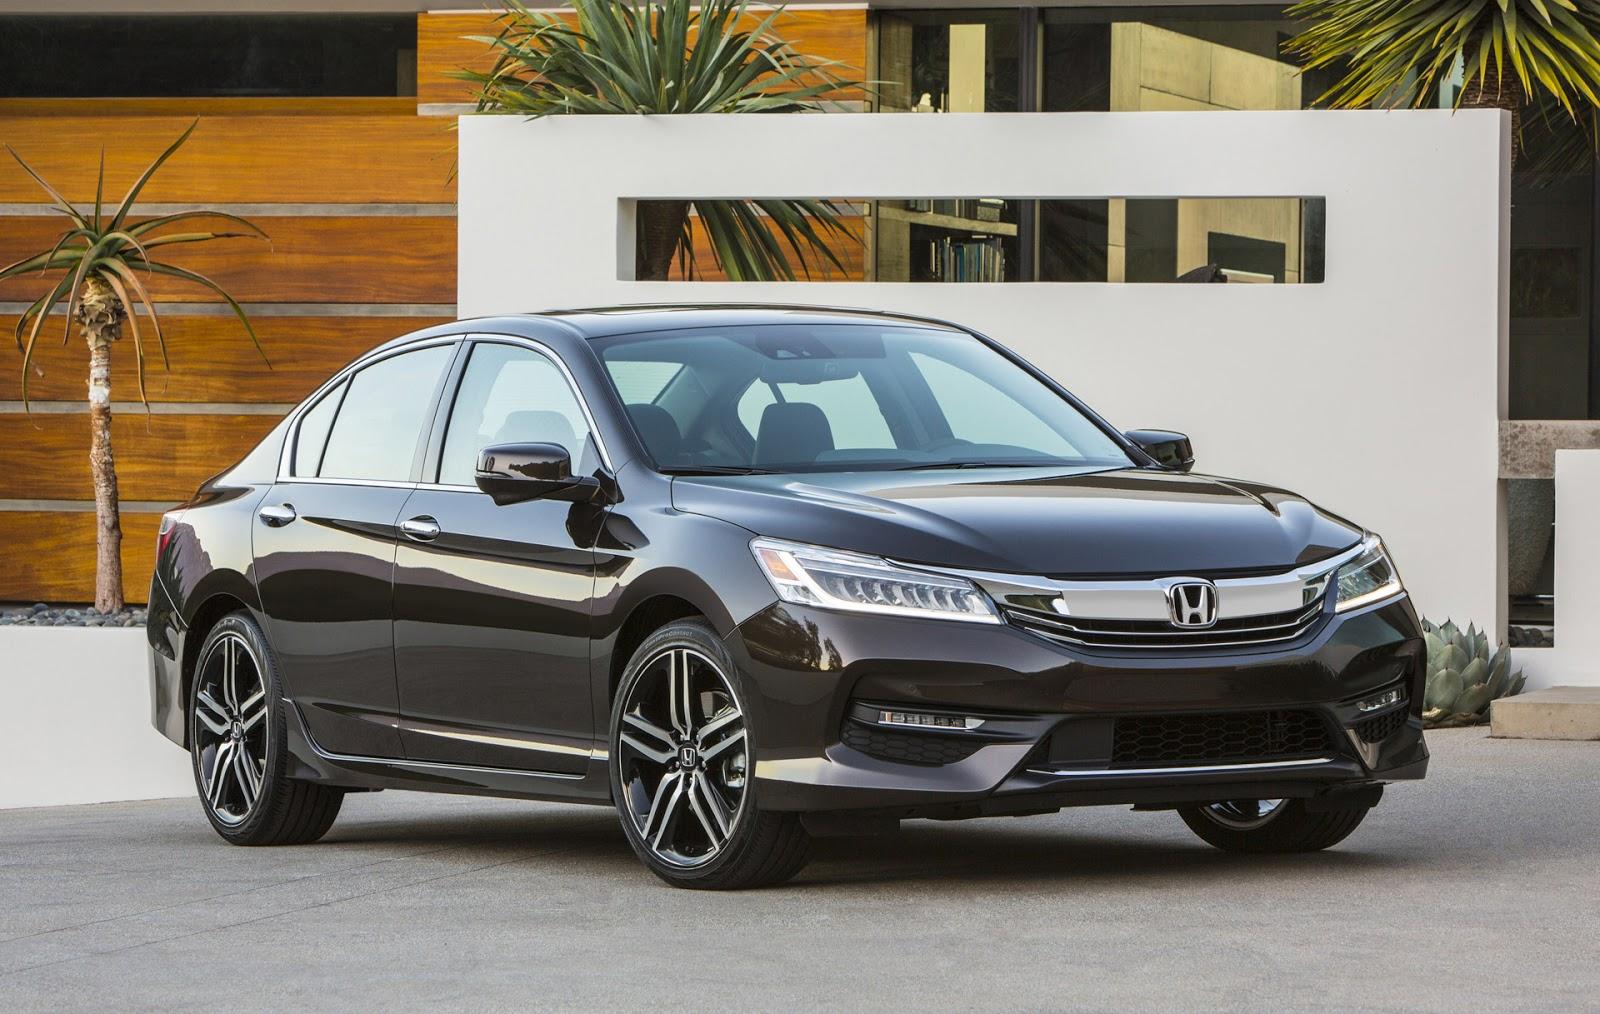 Daftar Harga Mobil Bekas Dibawah 50 Juta Dari Berbagai Tipe Otodaeng Com